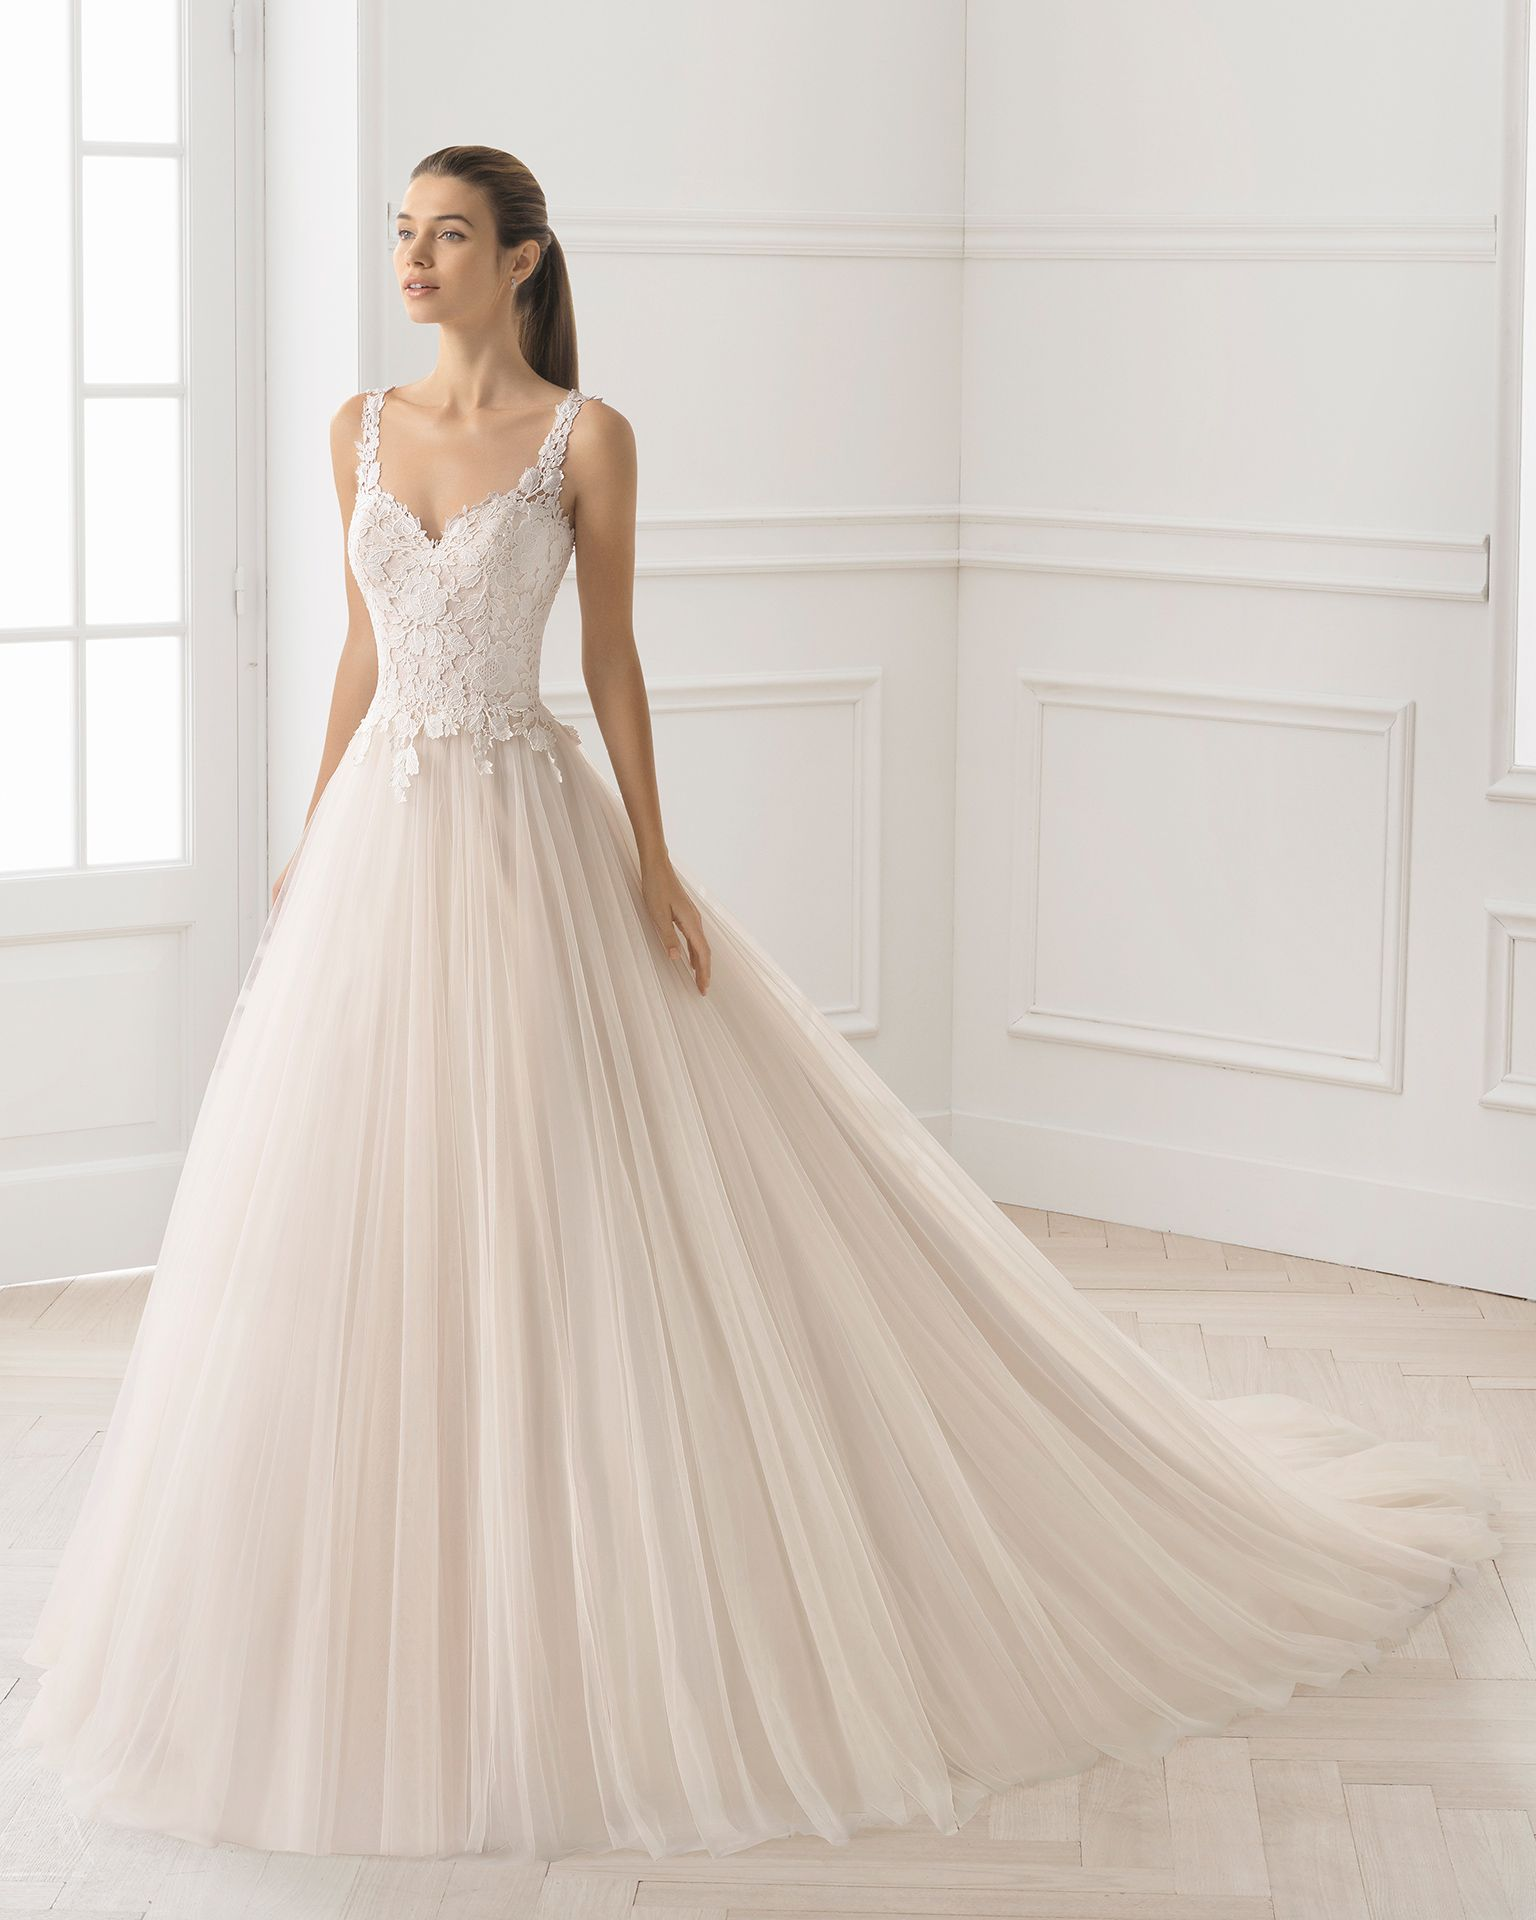 8d3f2e8e15 Rosa Clará Bayard esküvői ruha, 2019-es Barcelona kollekció | Esküvő ...